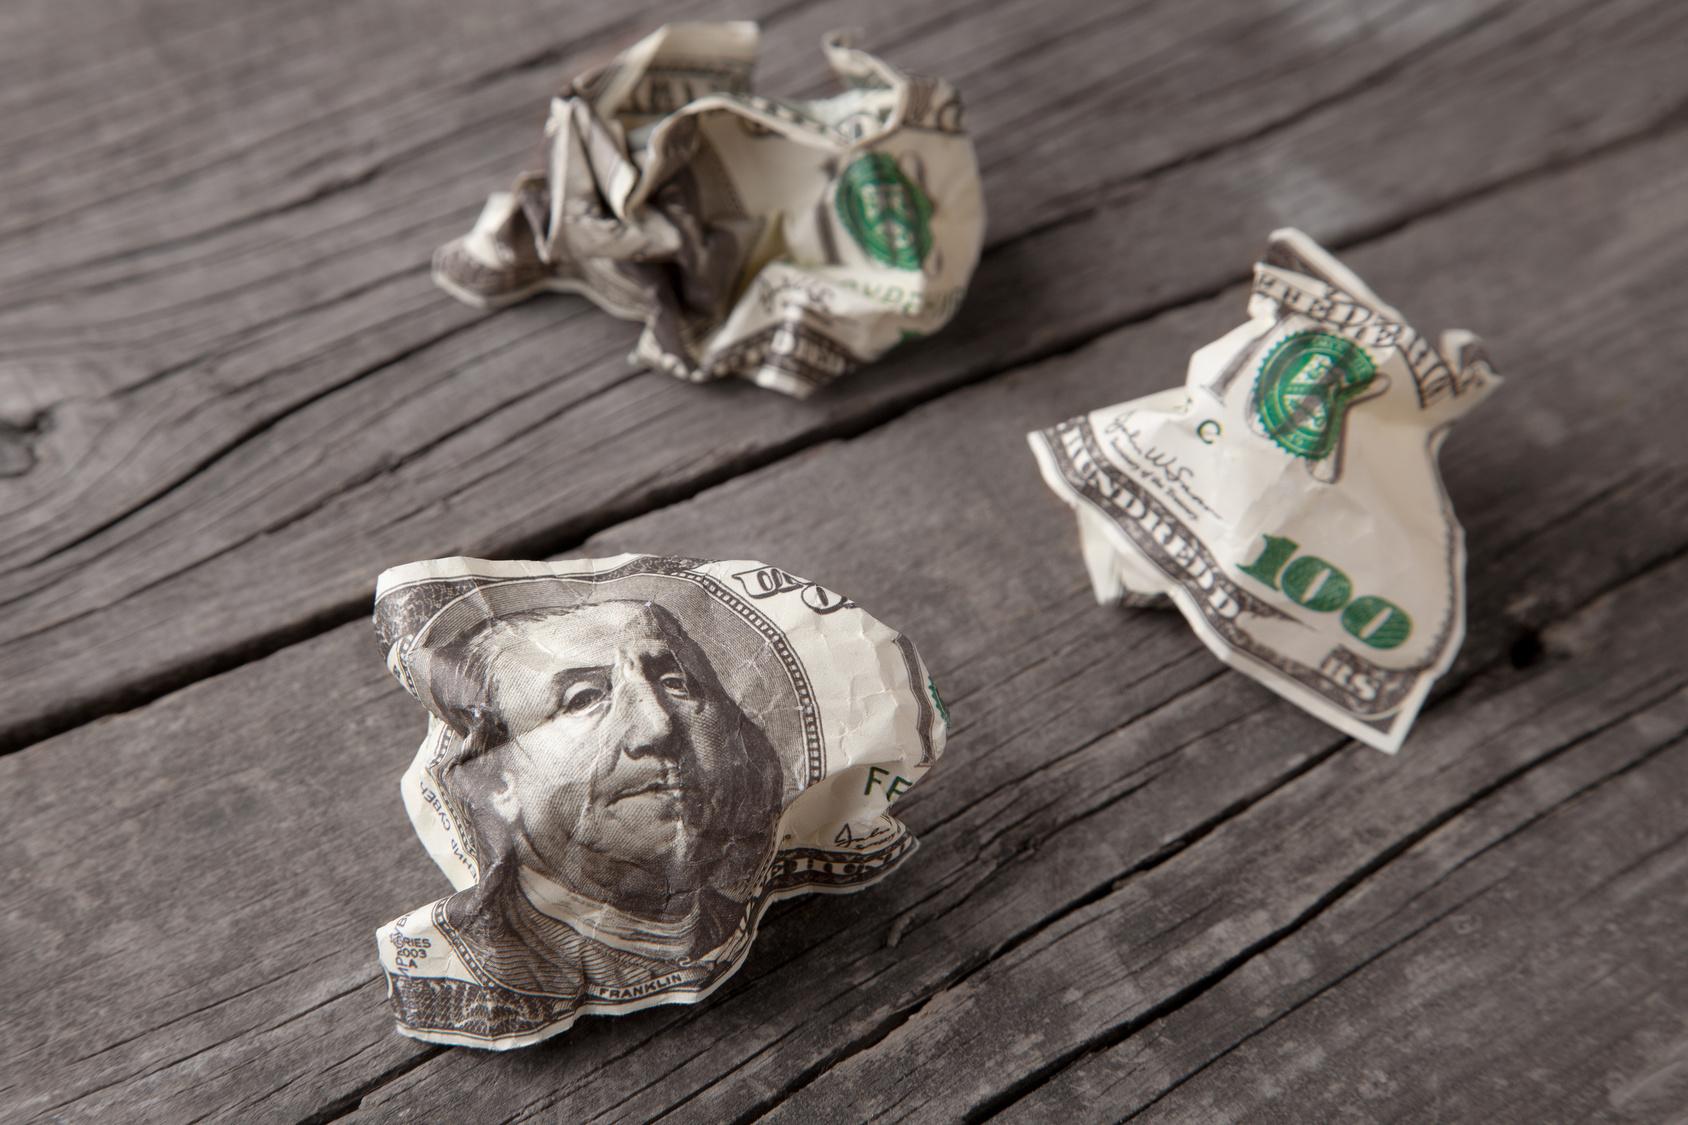 dolar, wyrzucanie pieniędzy, dolary, pieniądze, waluta, waluta Ameryki, USA, ile wart jest dolar, wymiana walut, Ekantor.pl